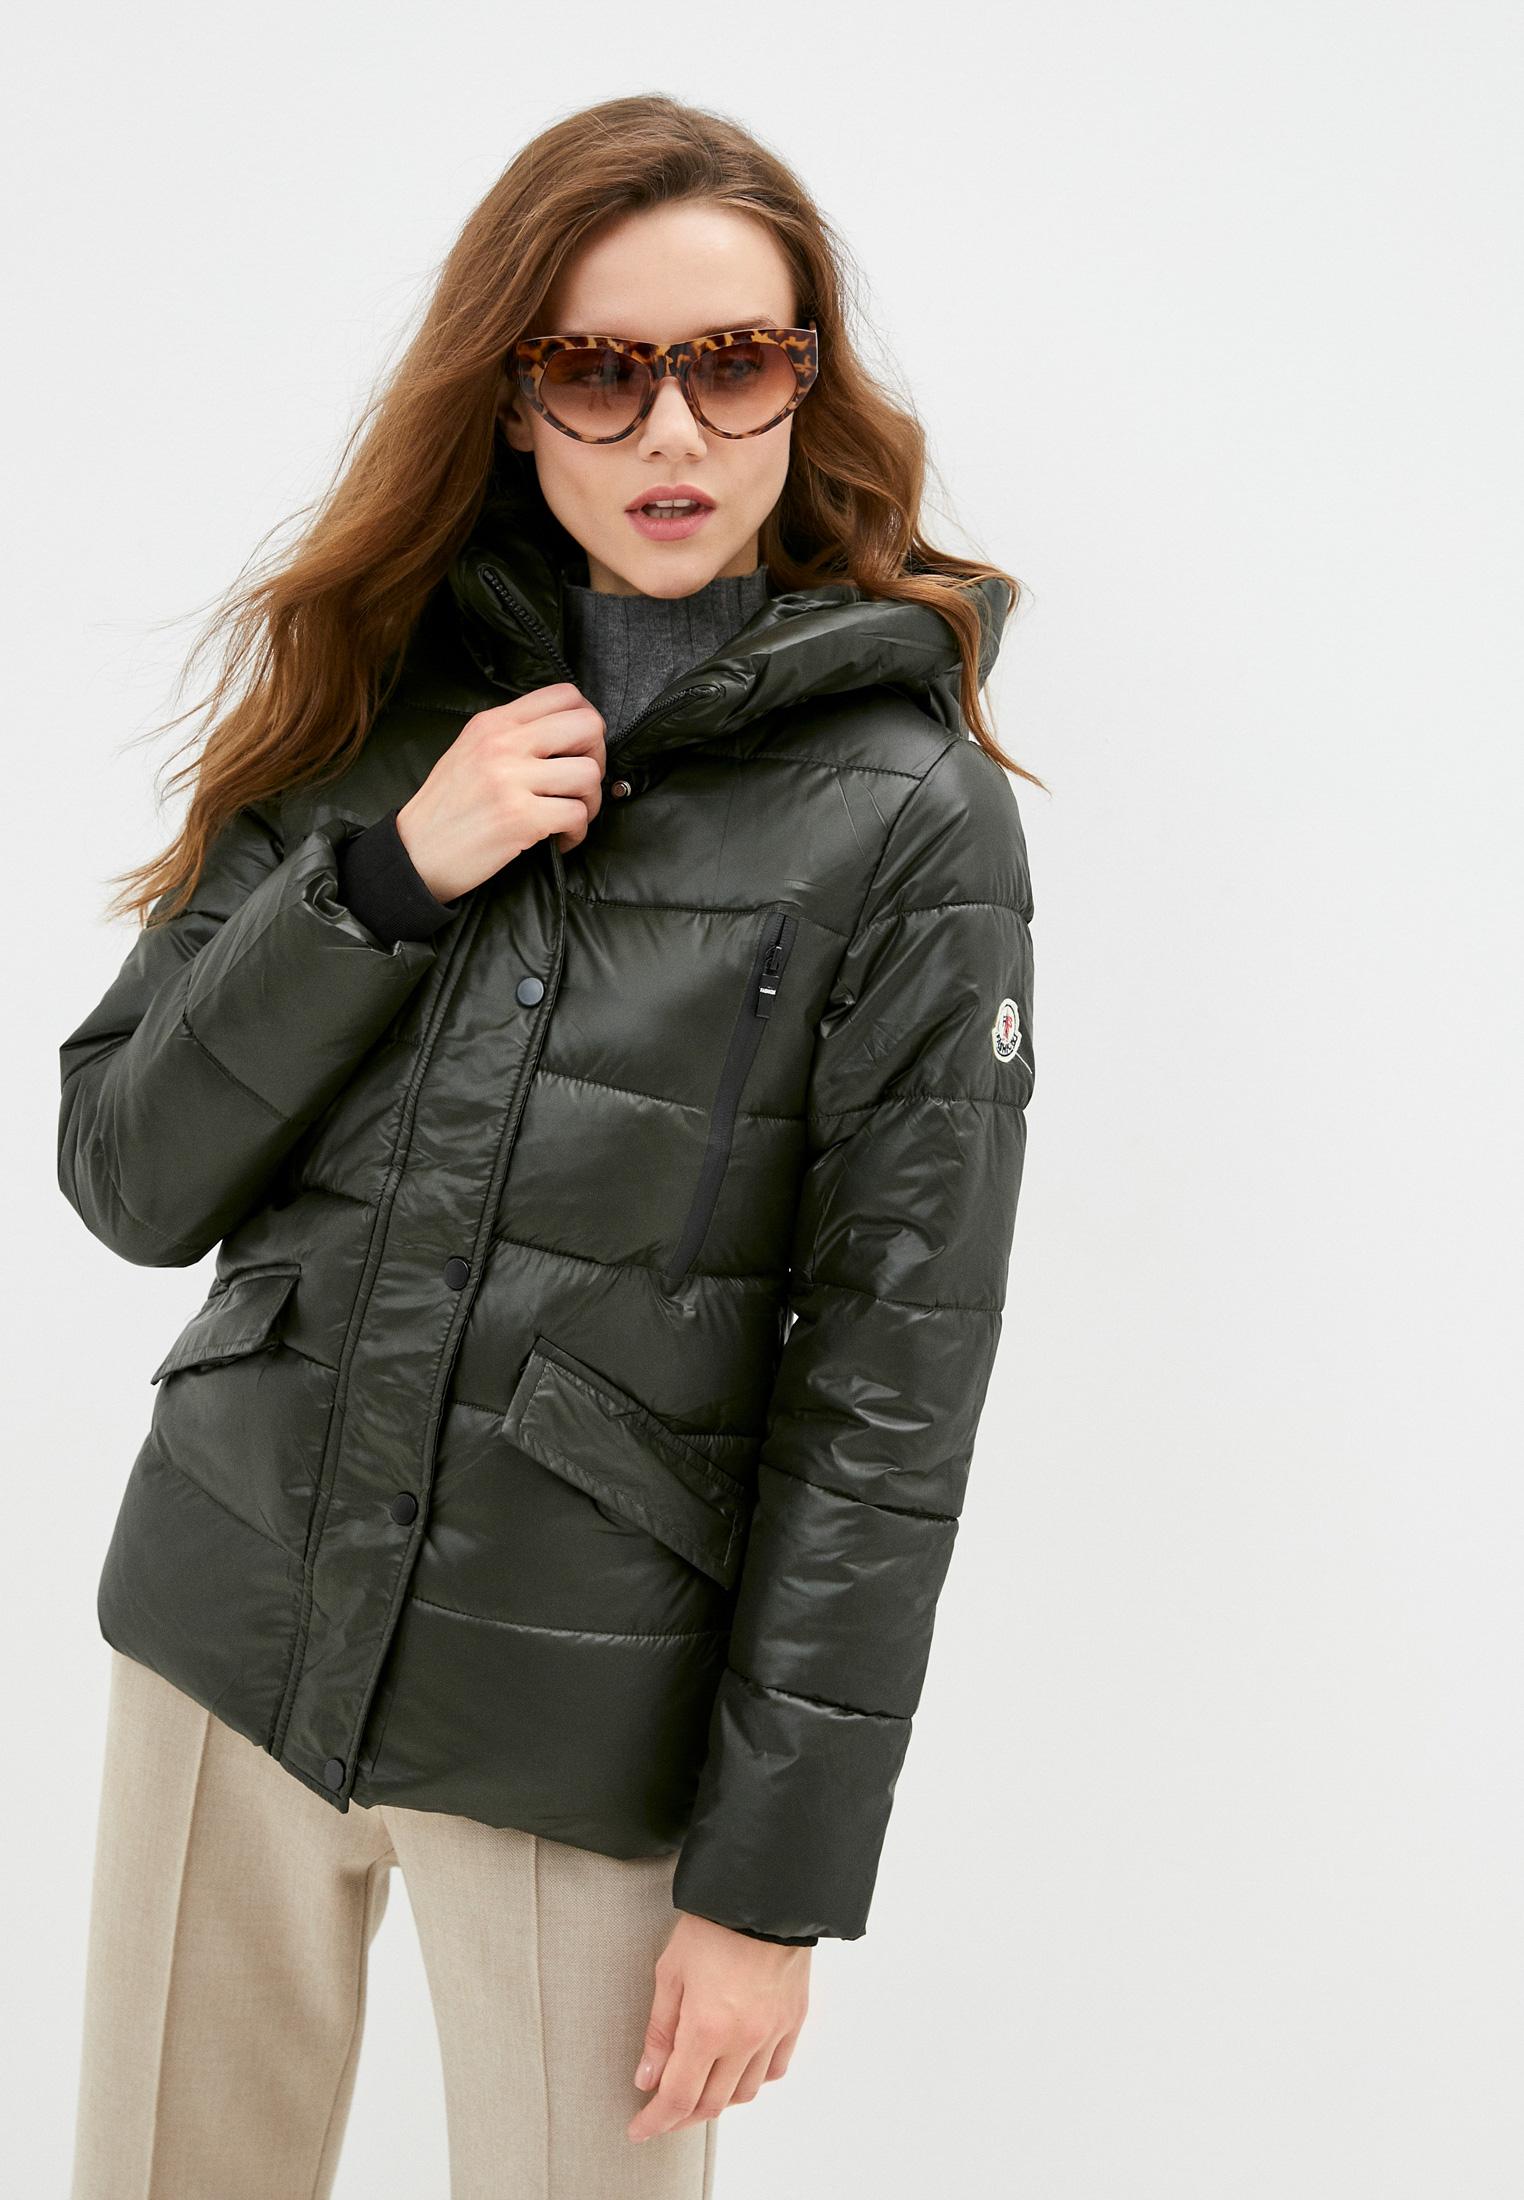 Джинсовая куртка Elsi Куртка утепленная Elsi